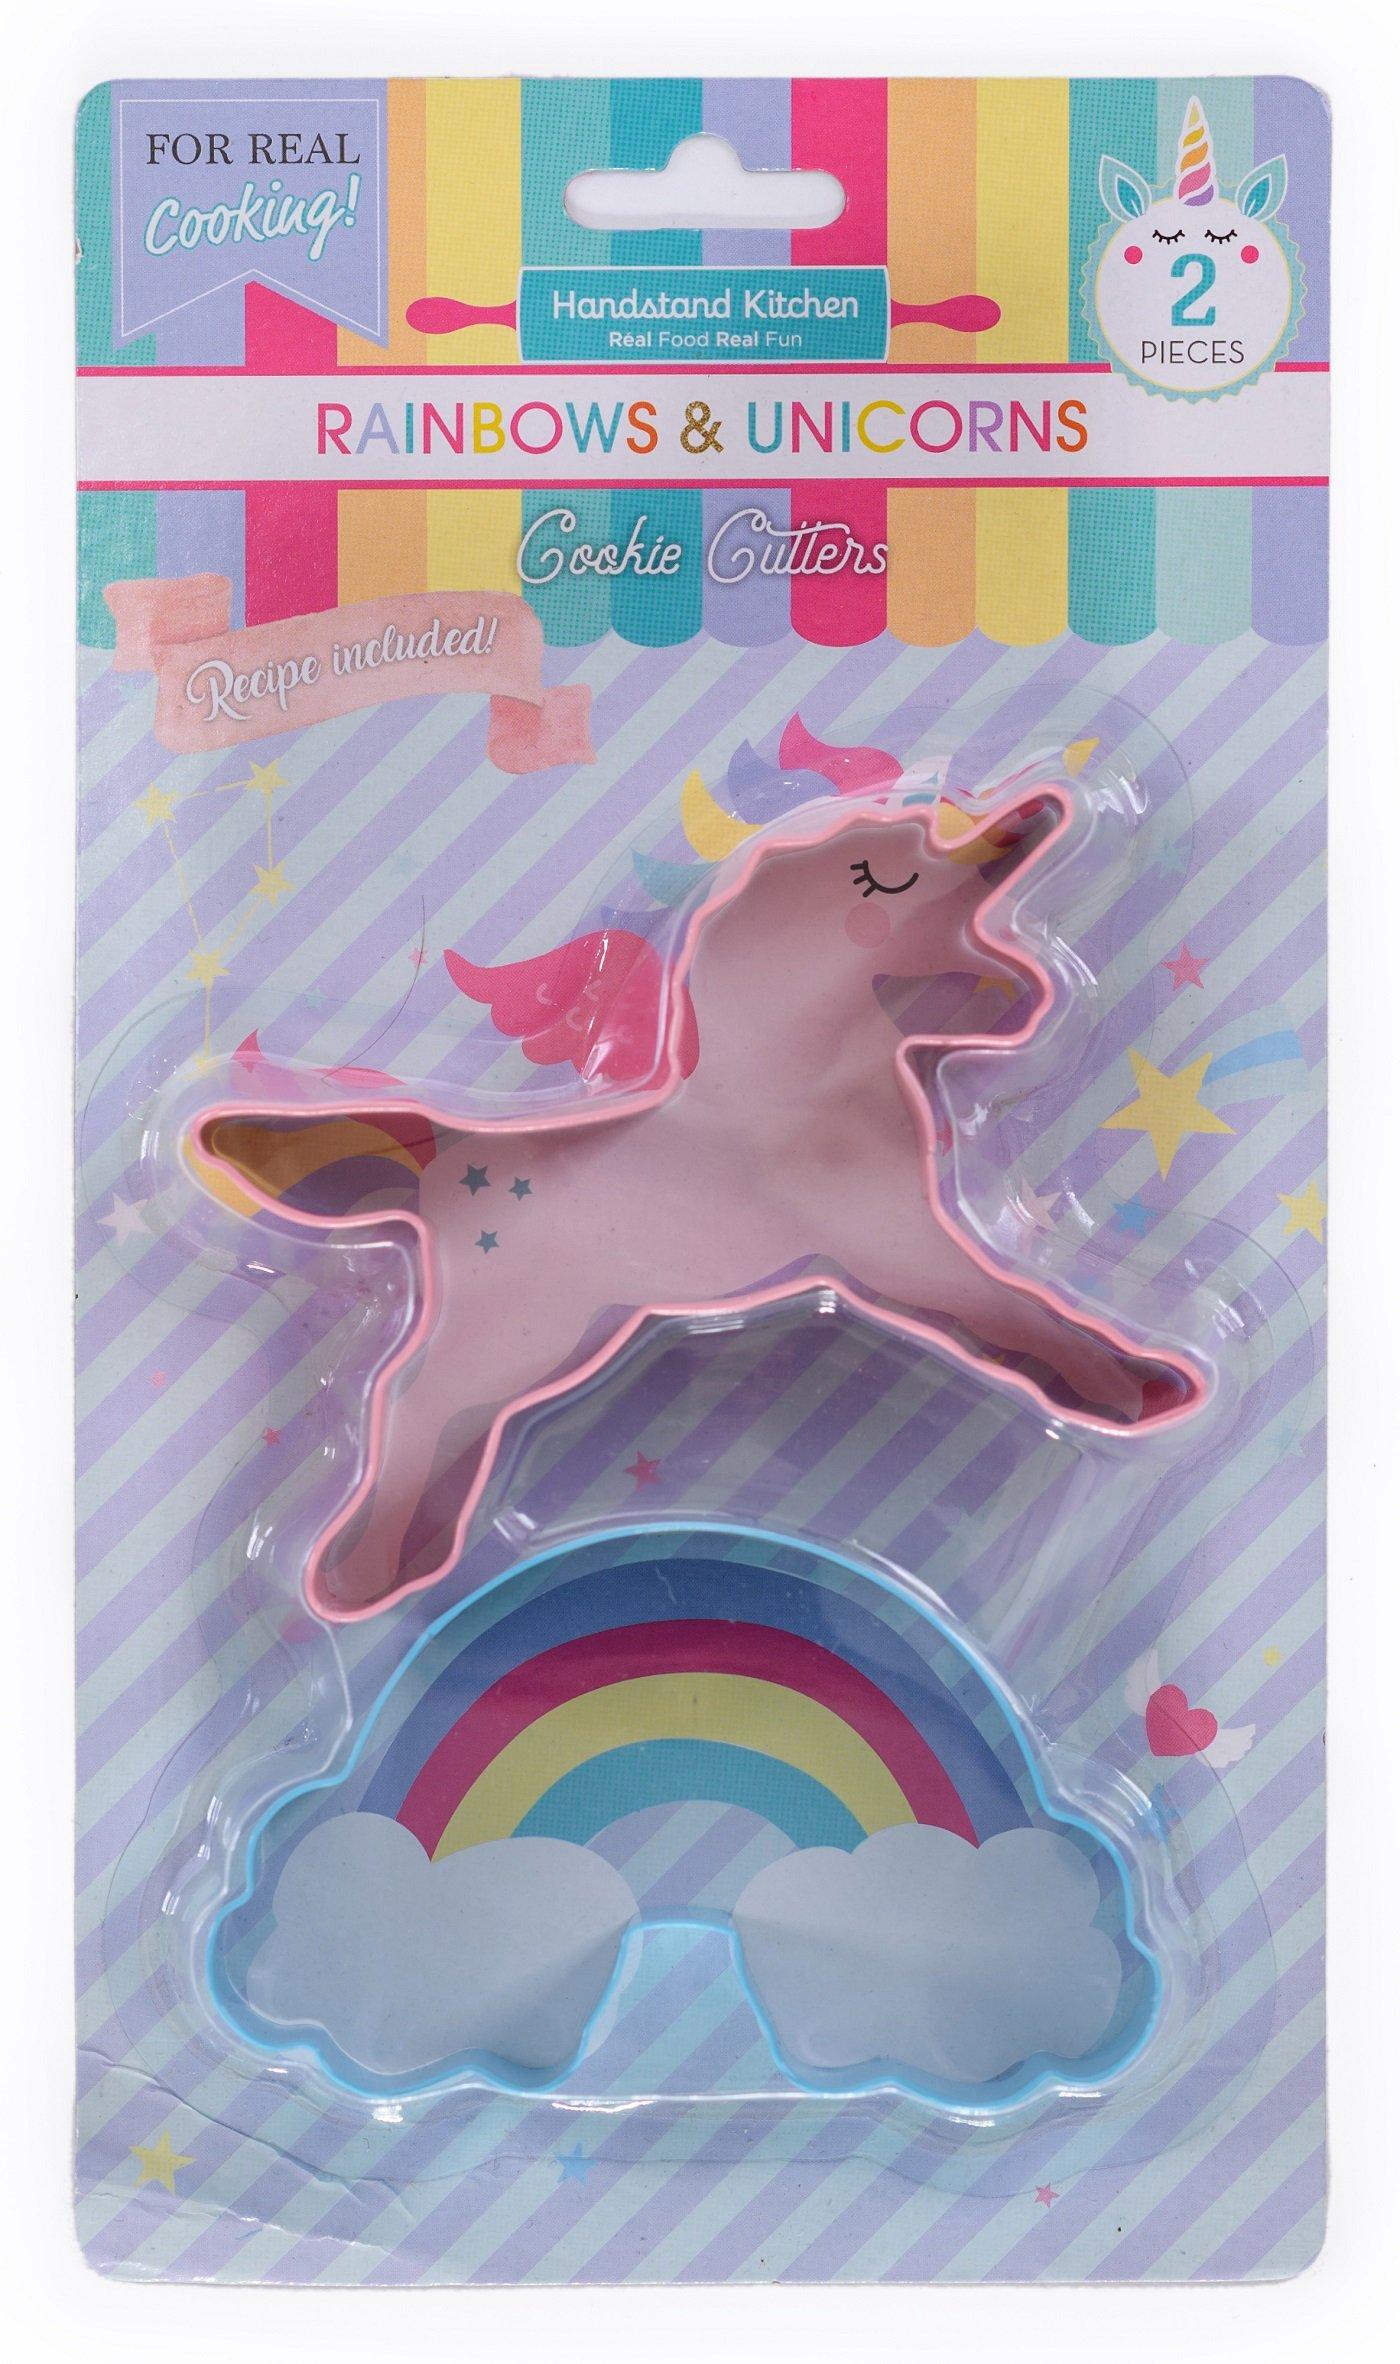 Handstand Kitchen Rainbows and Unicorns 2-piece